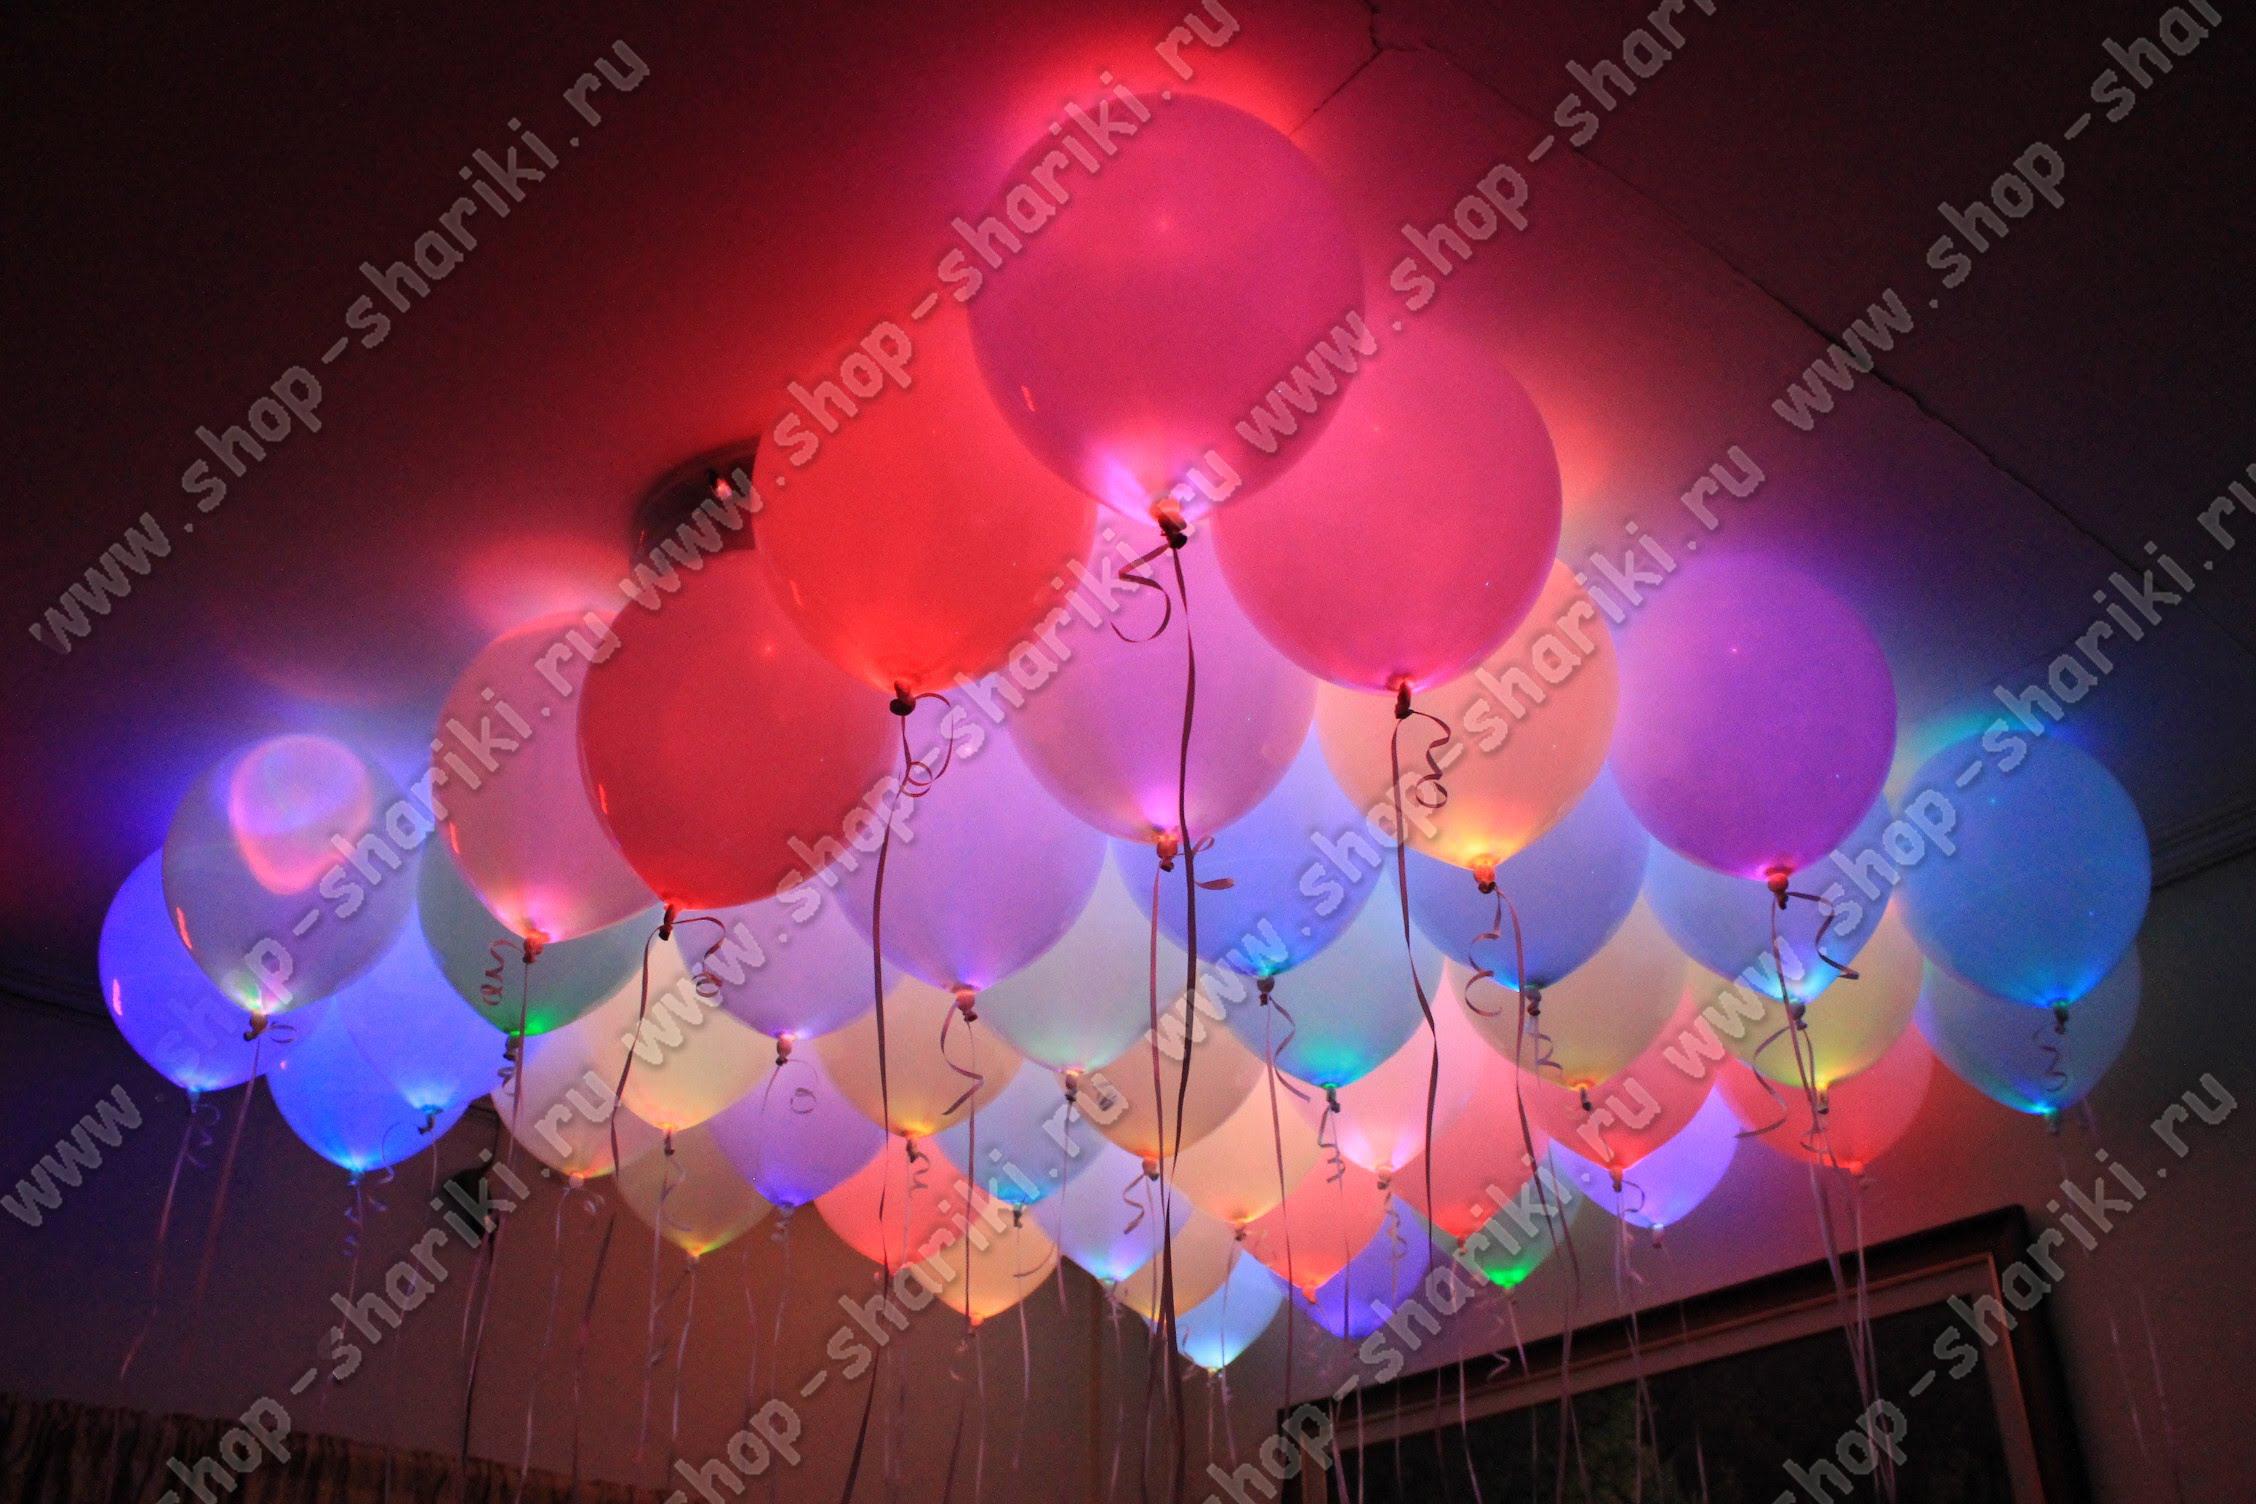 Светящиеся шарики с гелием под потолок